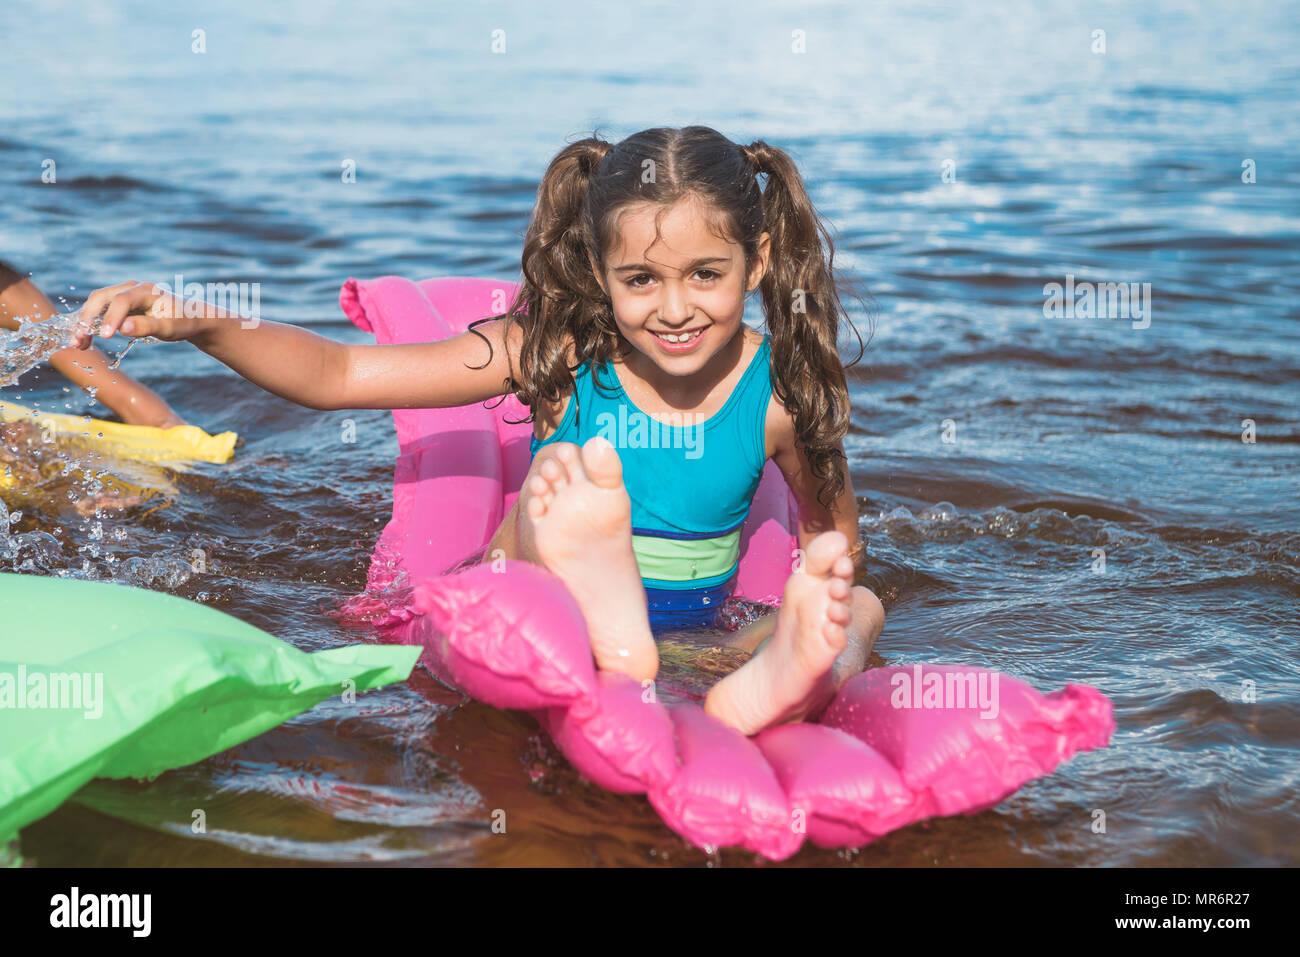 Petite fille joyeuse natation sur matelas gonflables en mer Photo Stock